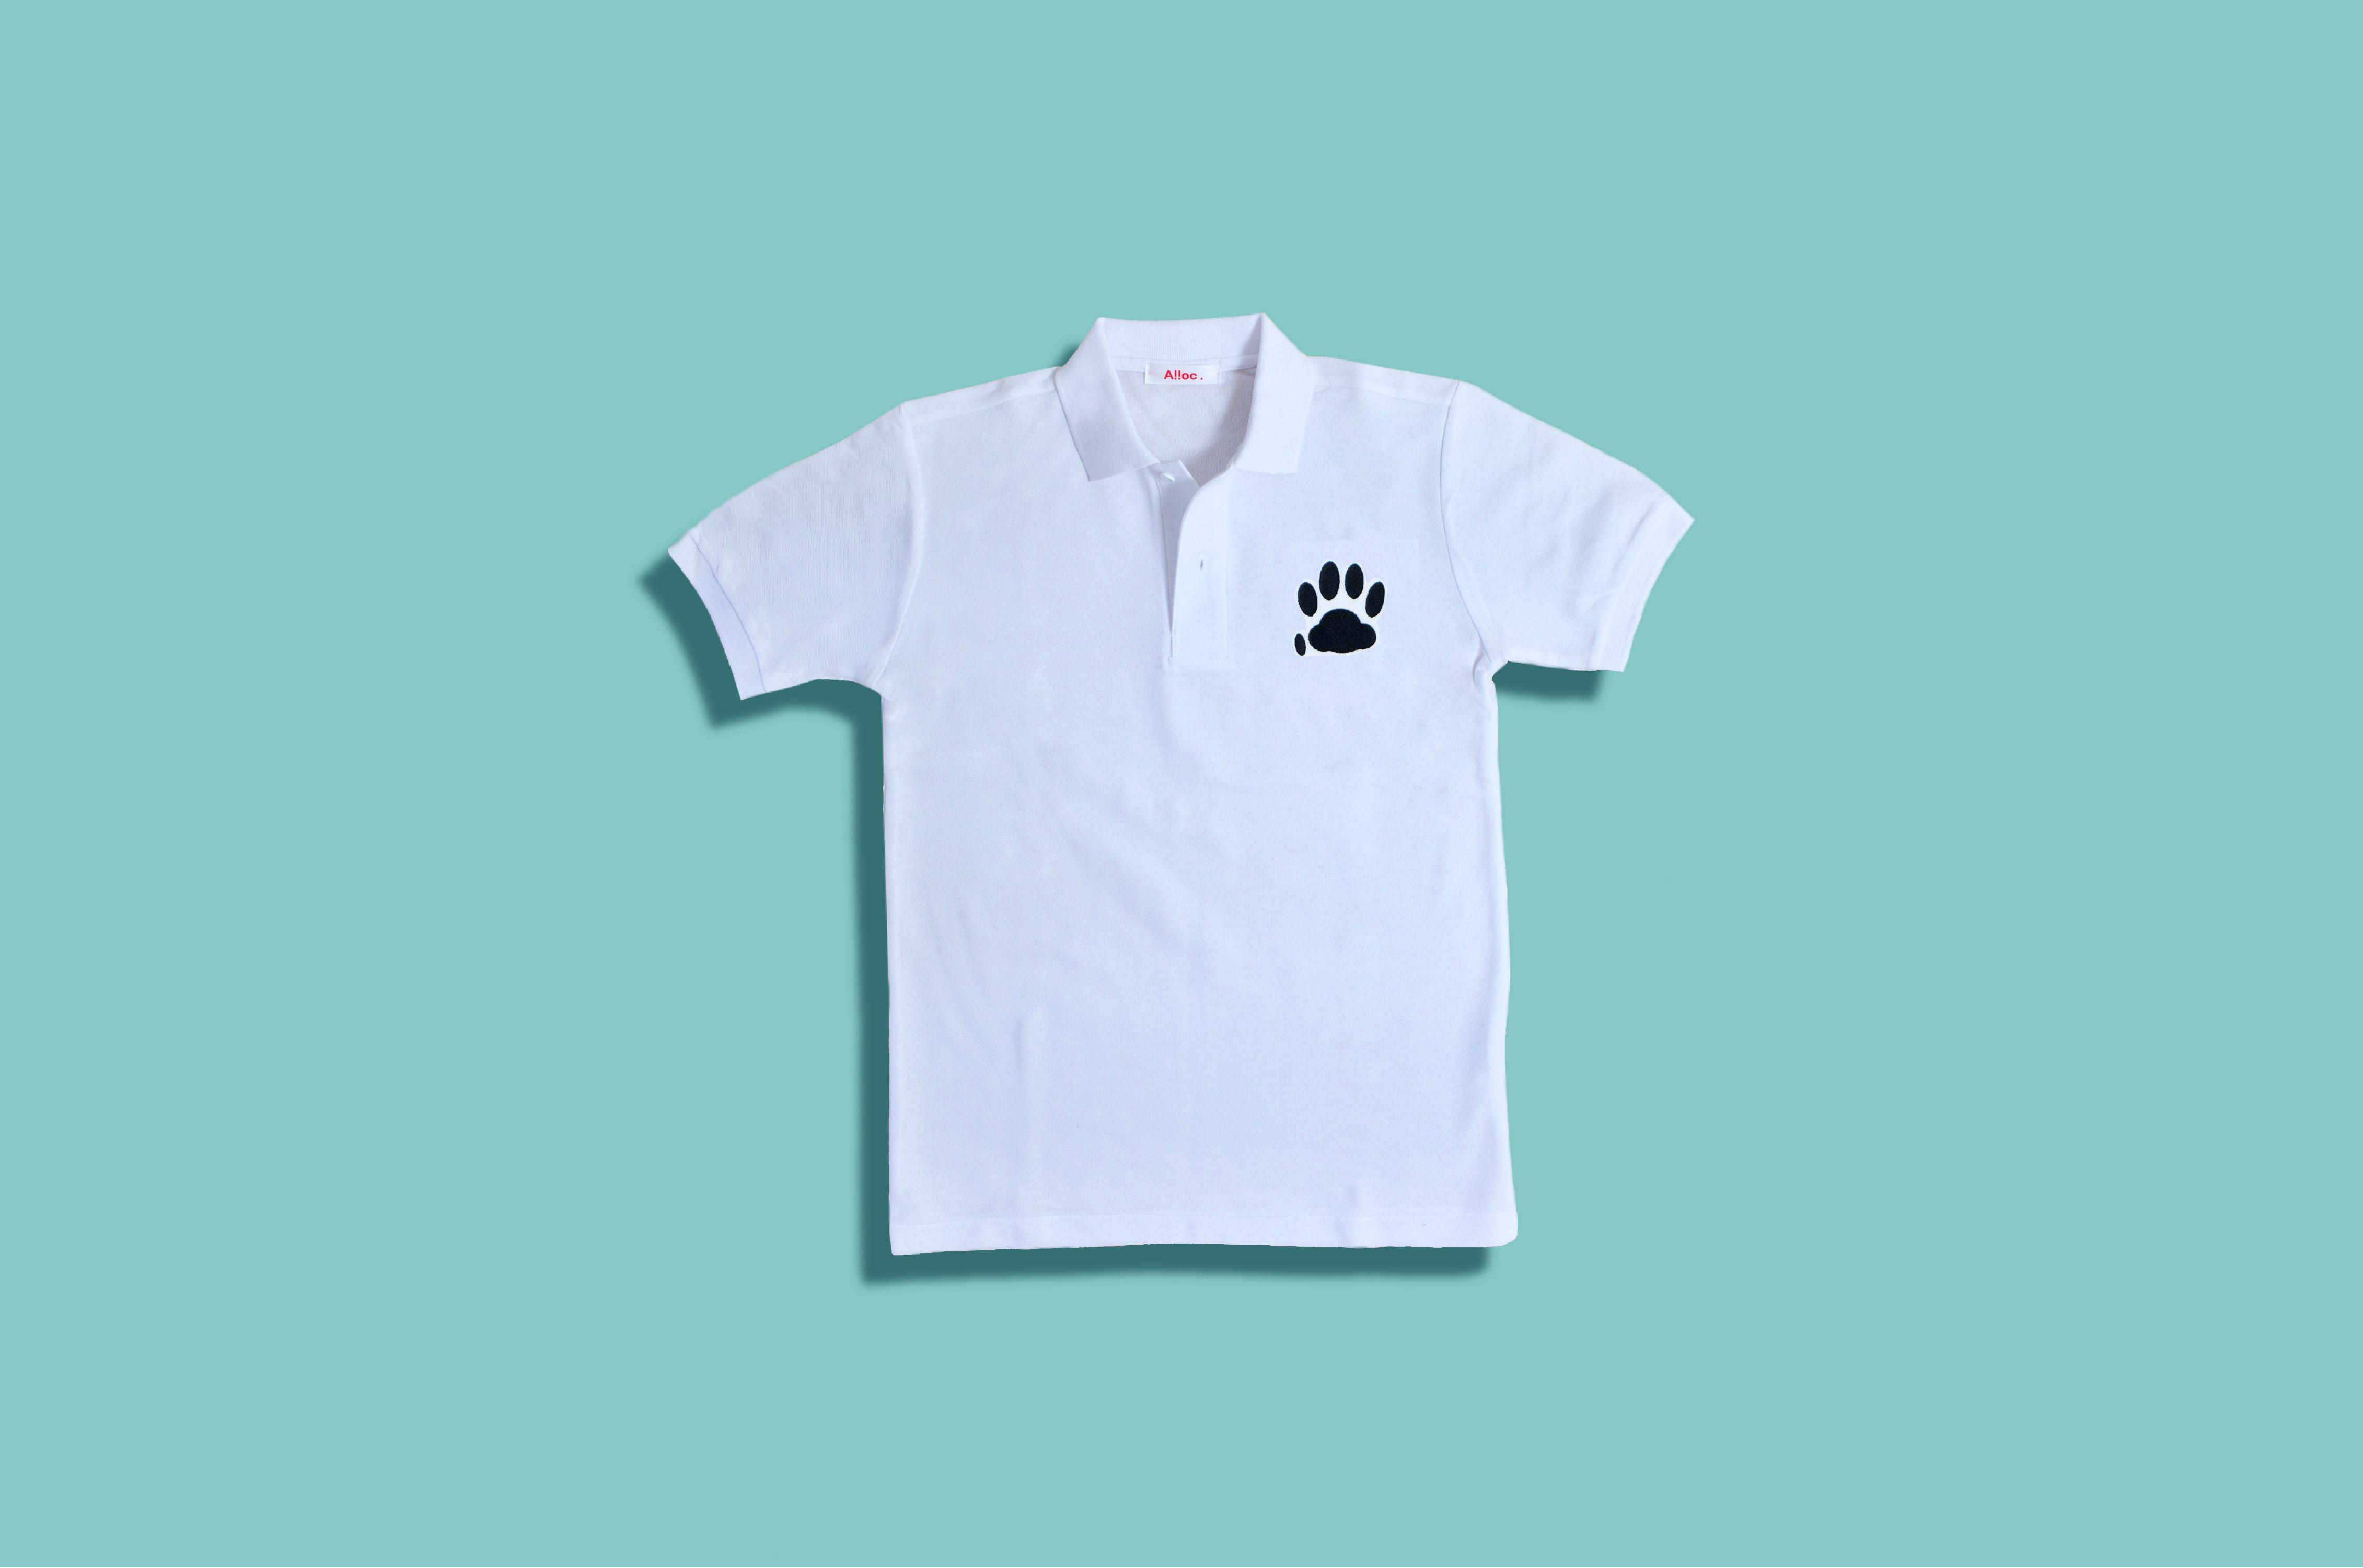 肉球の刺繍入りの白いポロシャツ